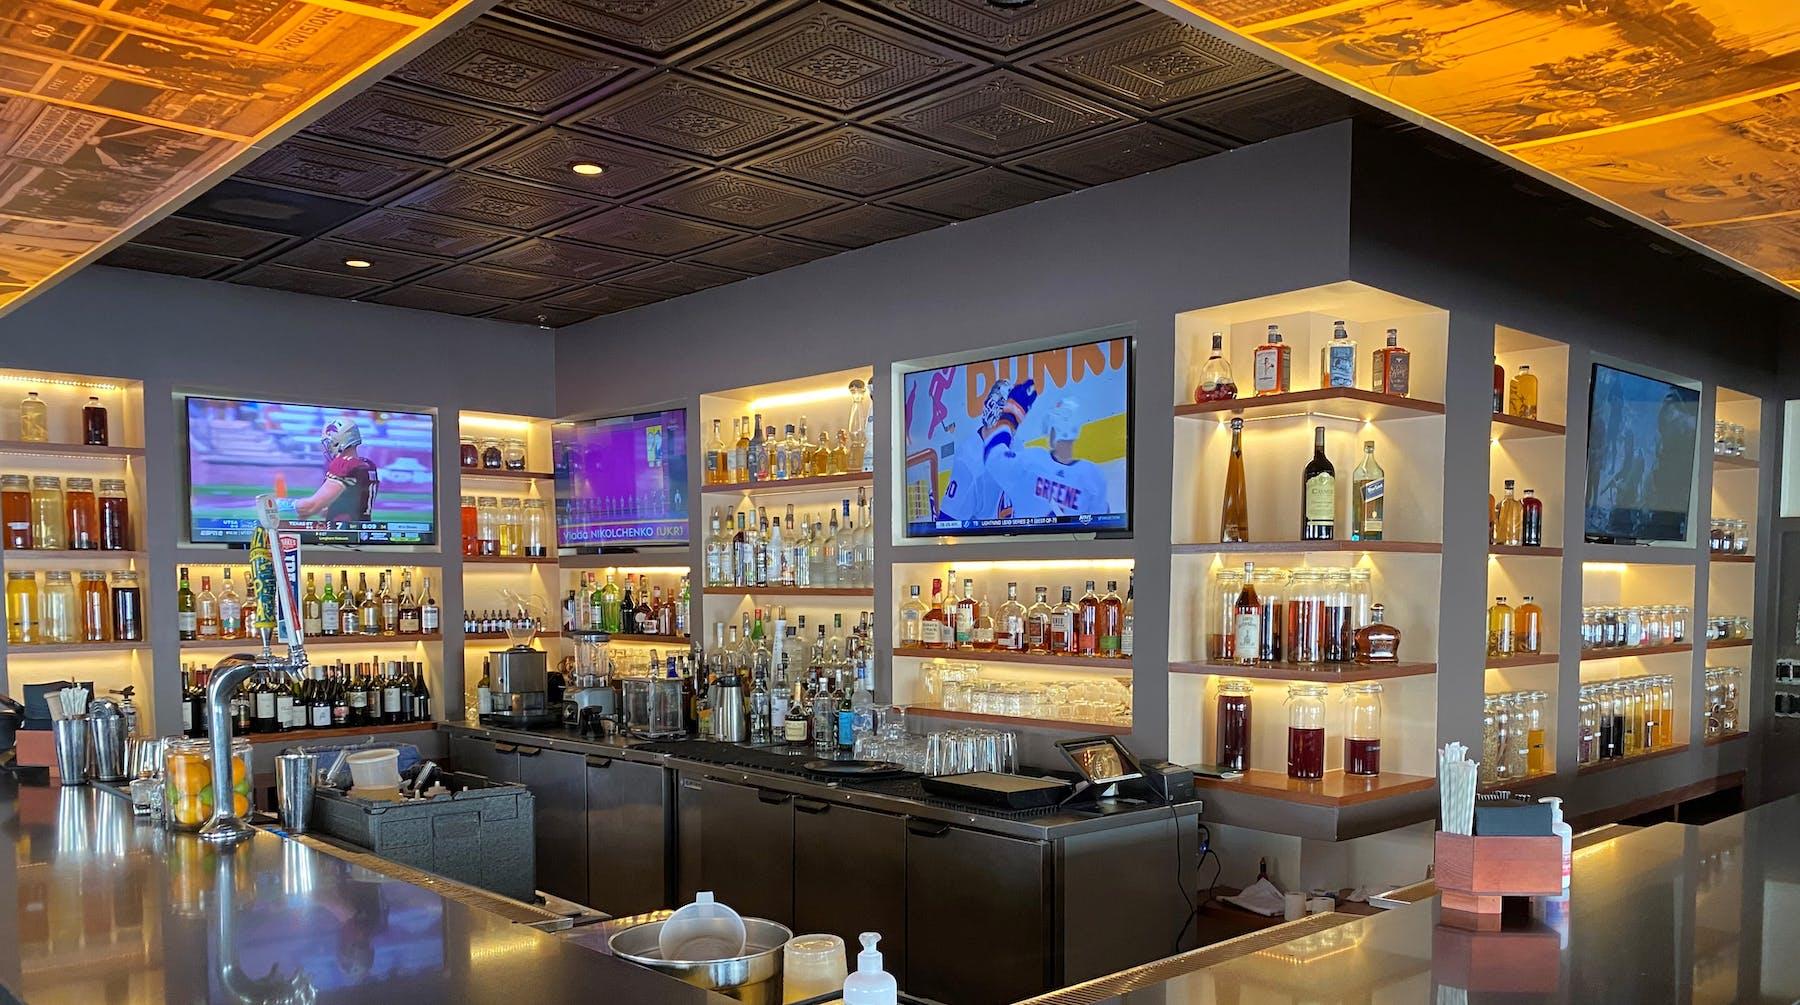 New Bar Sports bar